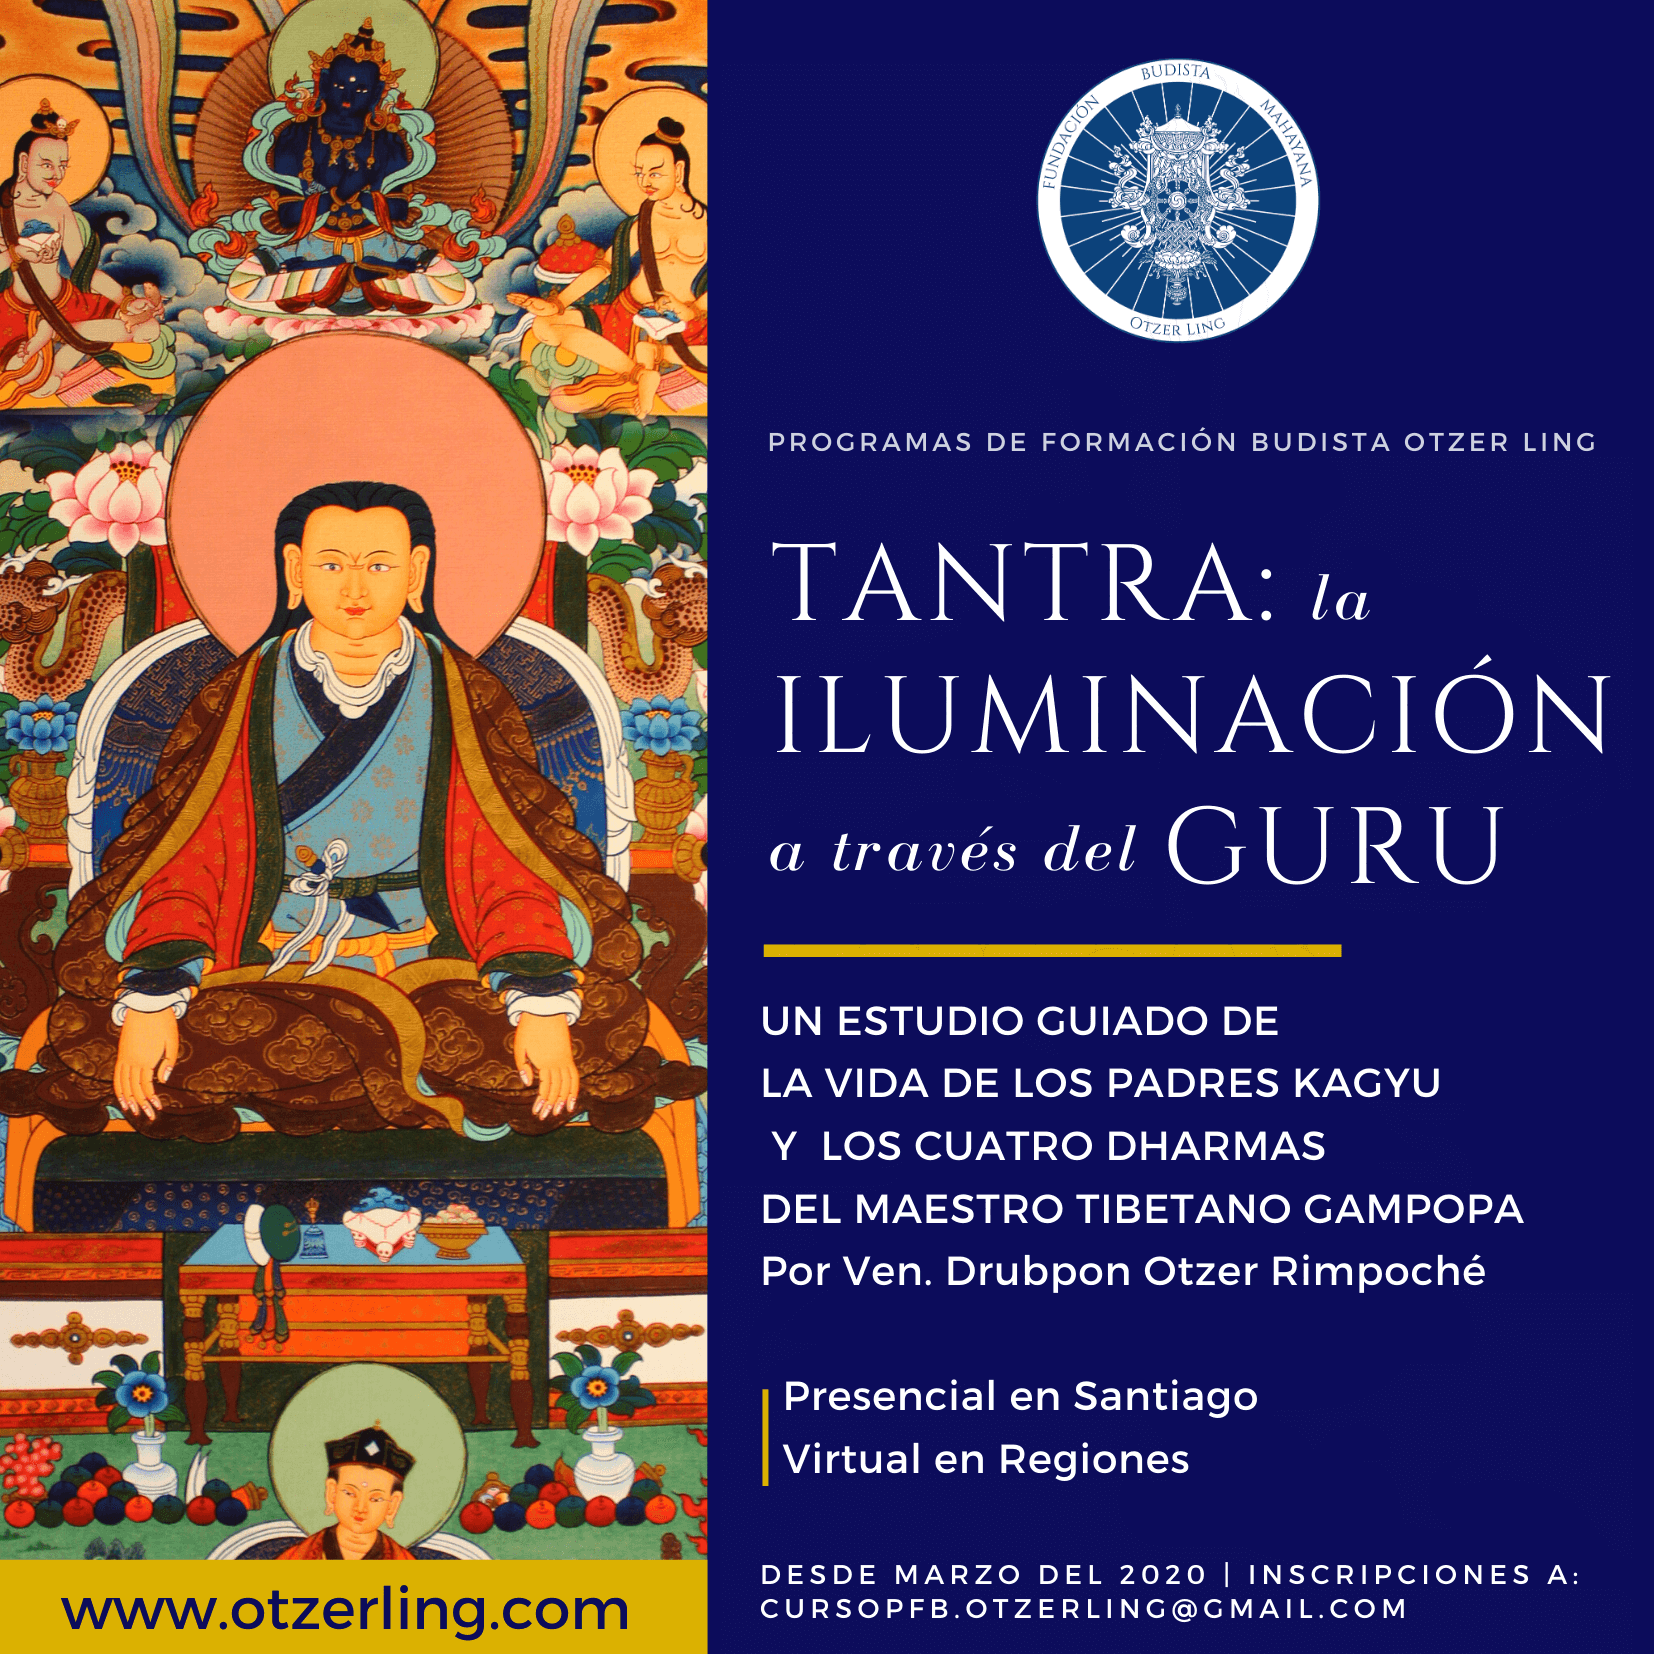 Programa de Formación Budista: Tantra  – La Iluminación a través del Guru